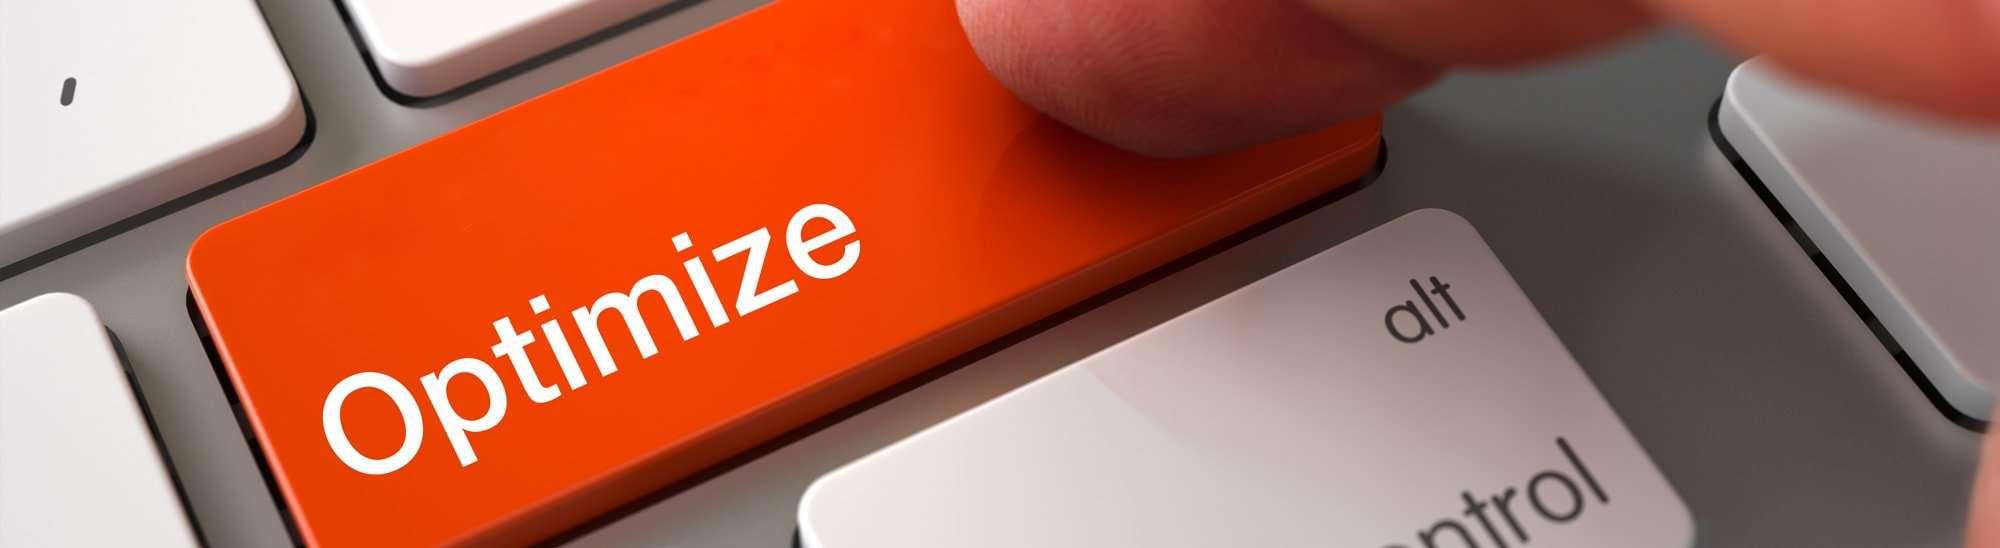 ملف كامل عن كيفية حل مشكلة Optimize Images لزيادة سرعة تحميل الموقع